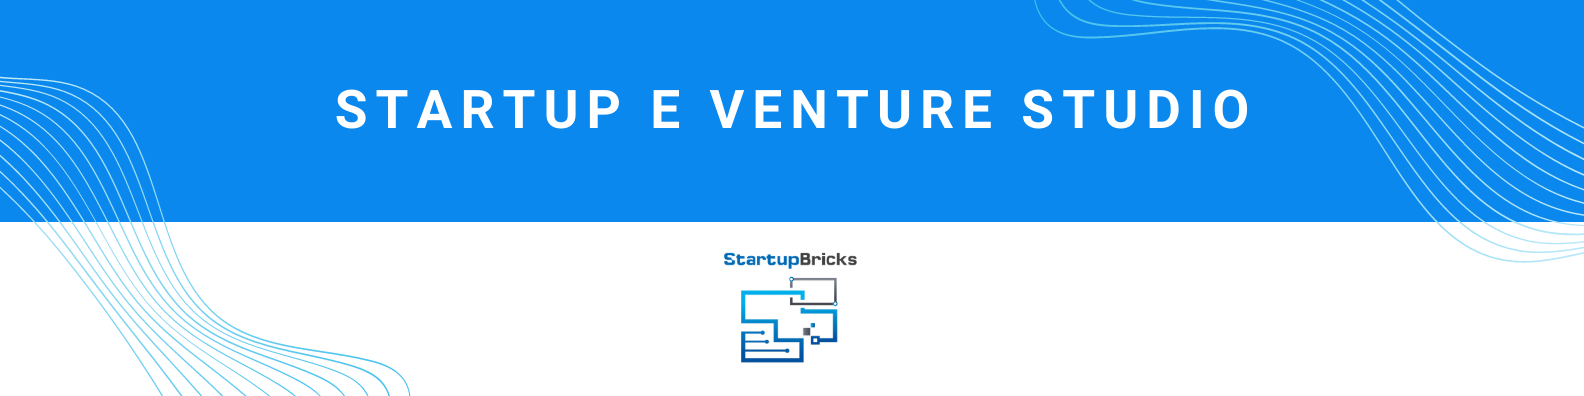 startup e venture studio